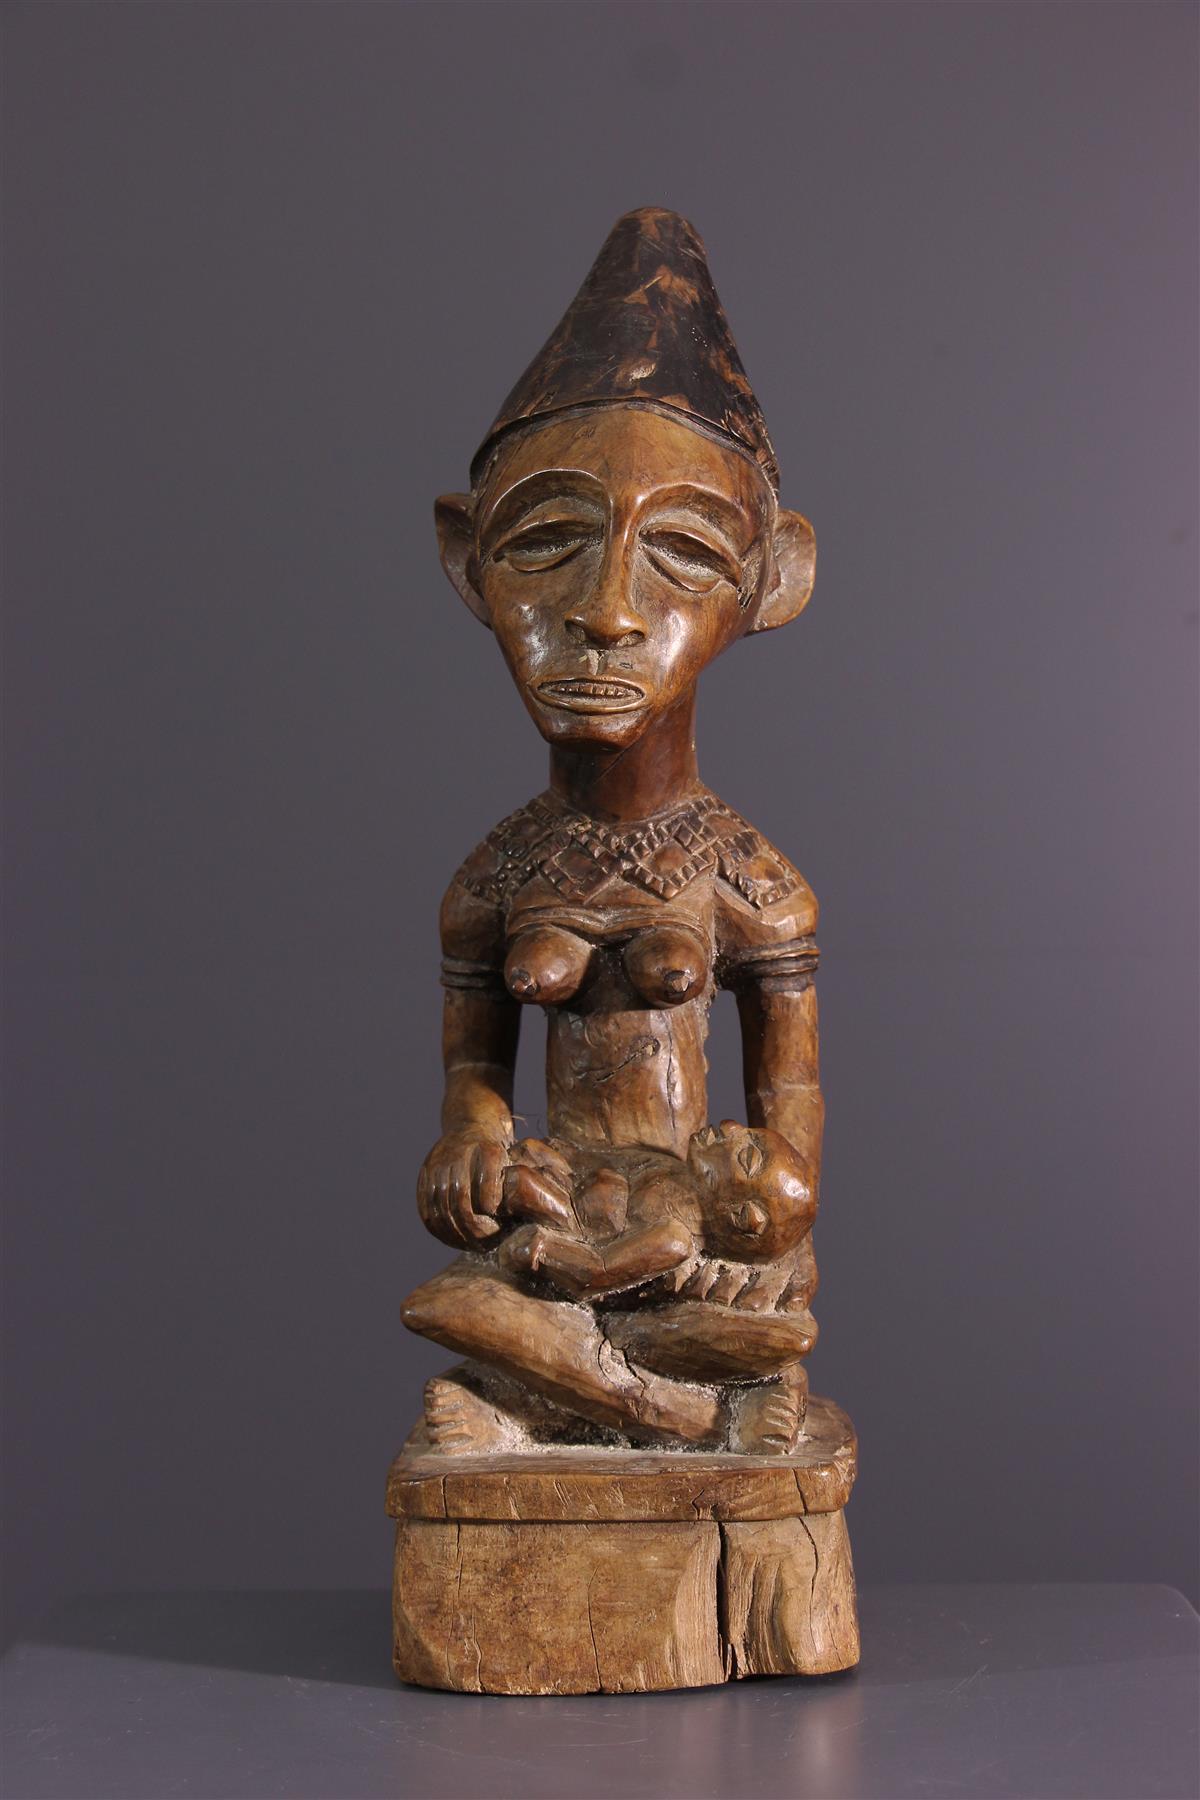 Congo figure - African art